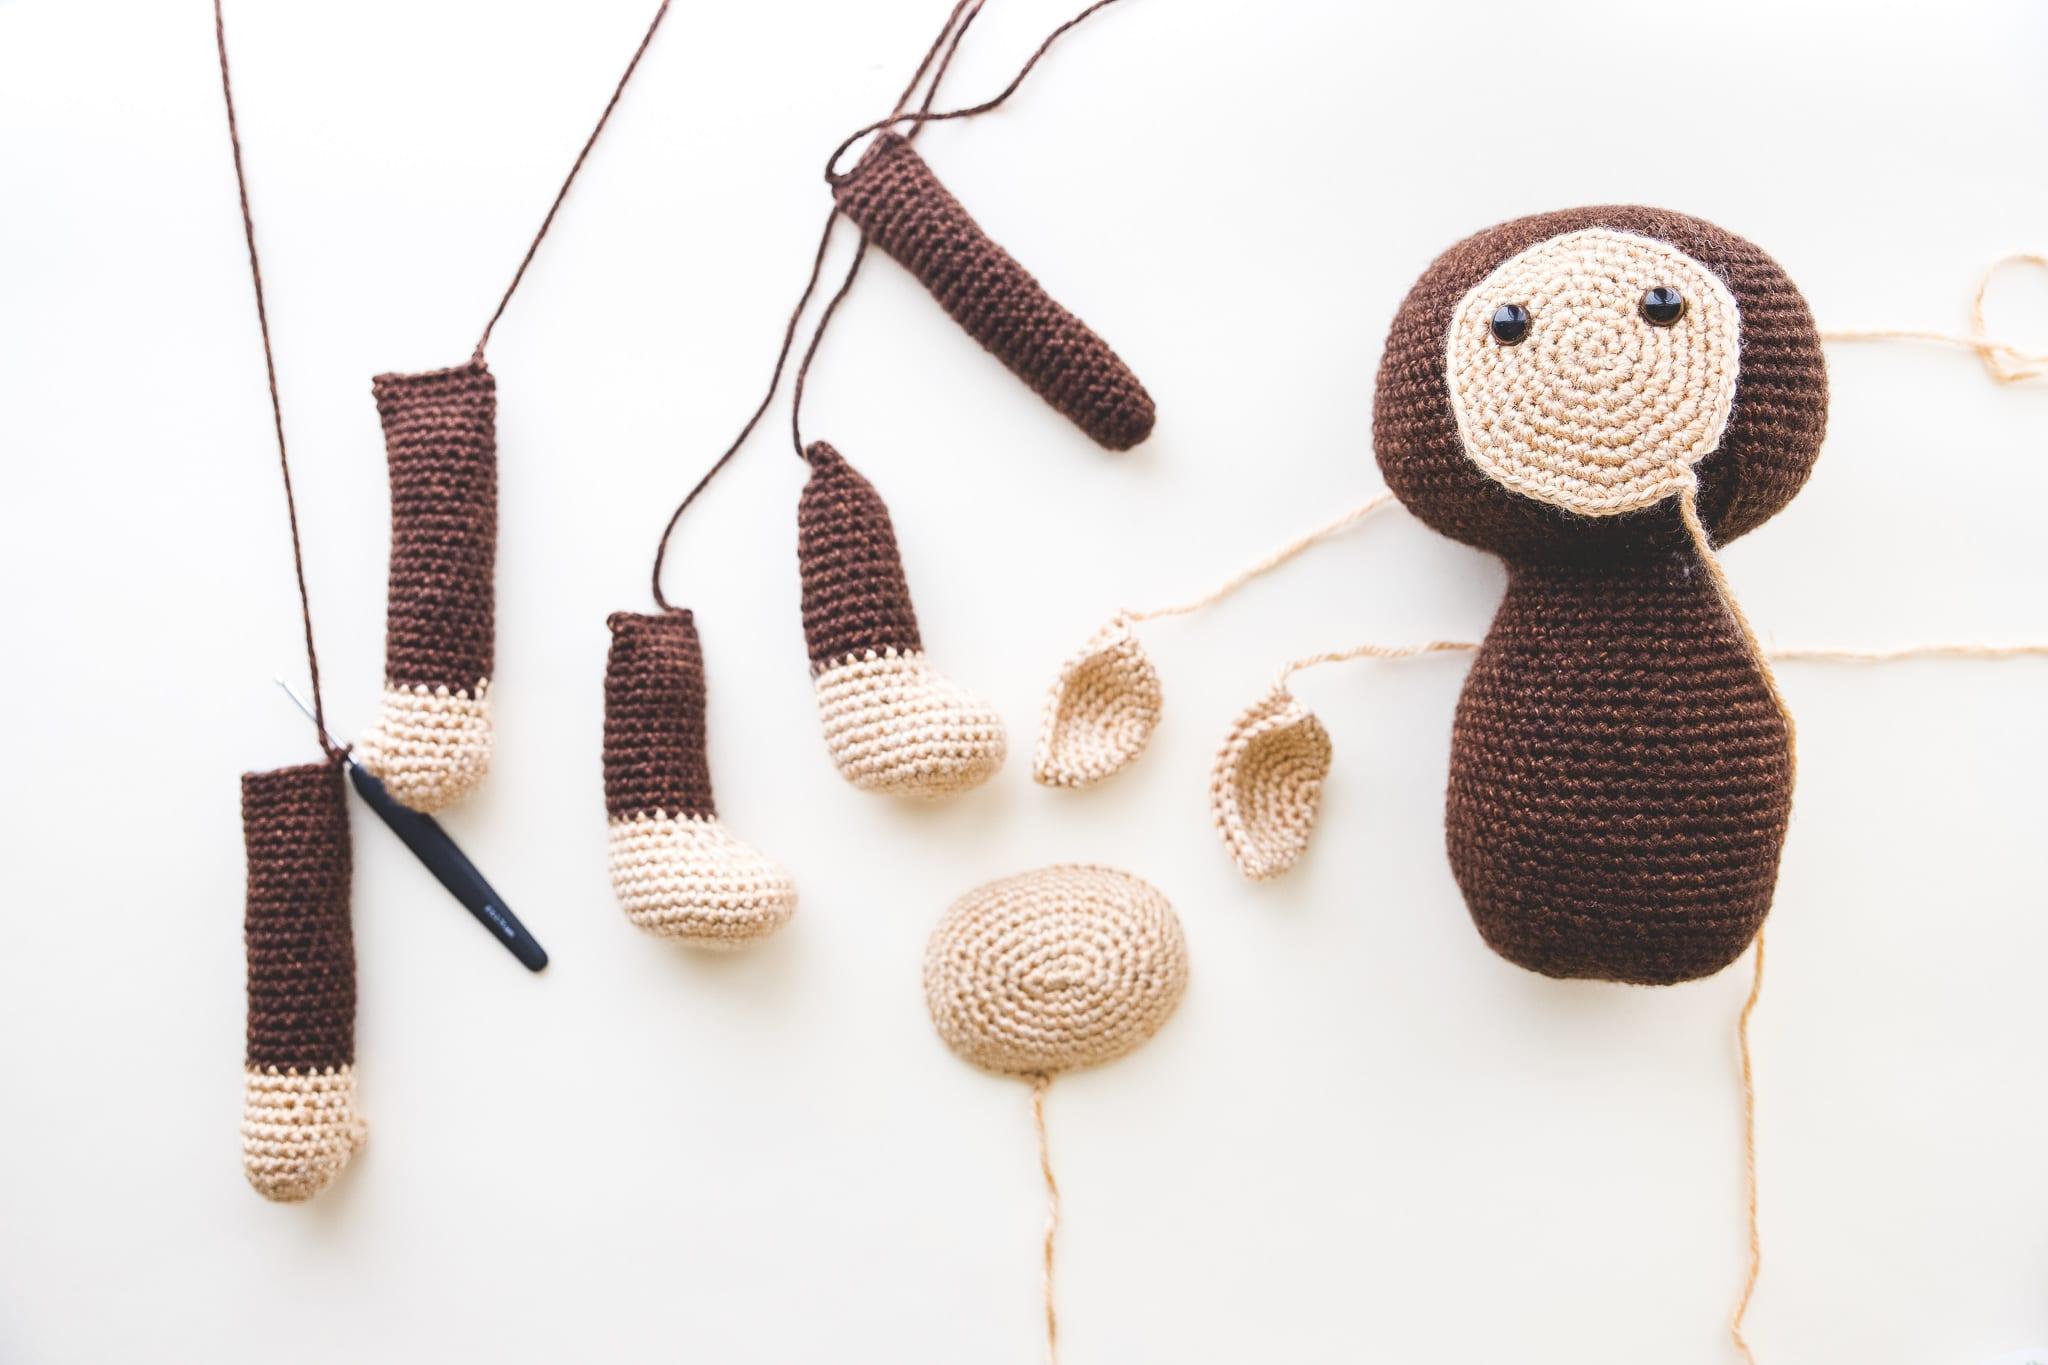 Crochet Amigurumi Assembly - Happy Monkey - YouTube | 1365x2048